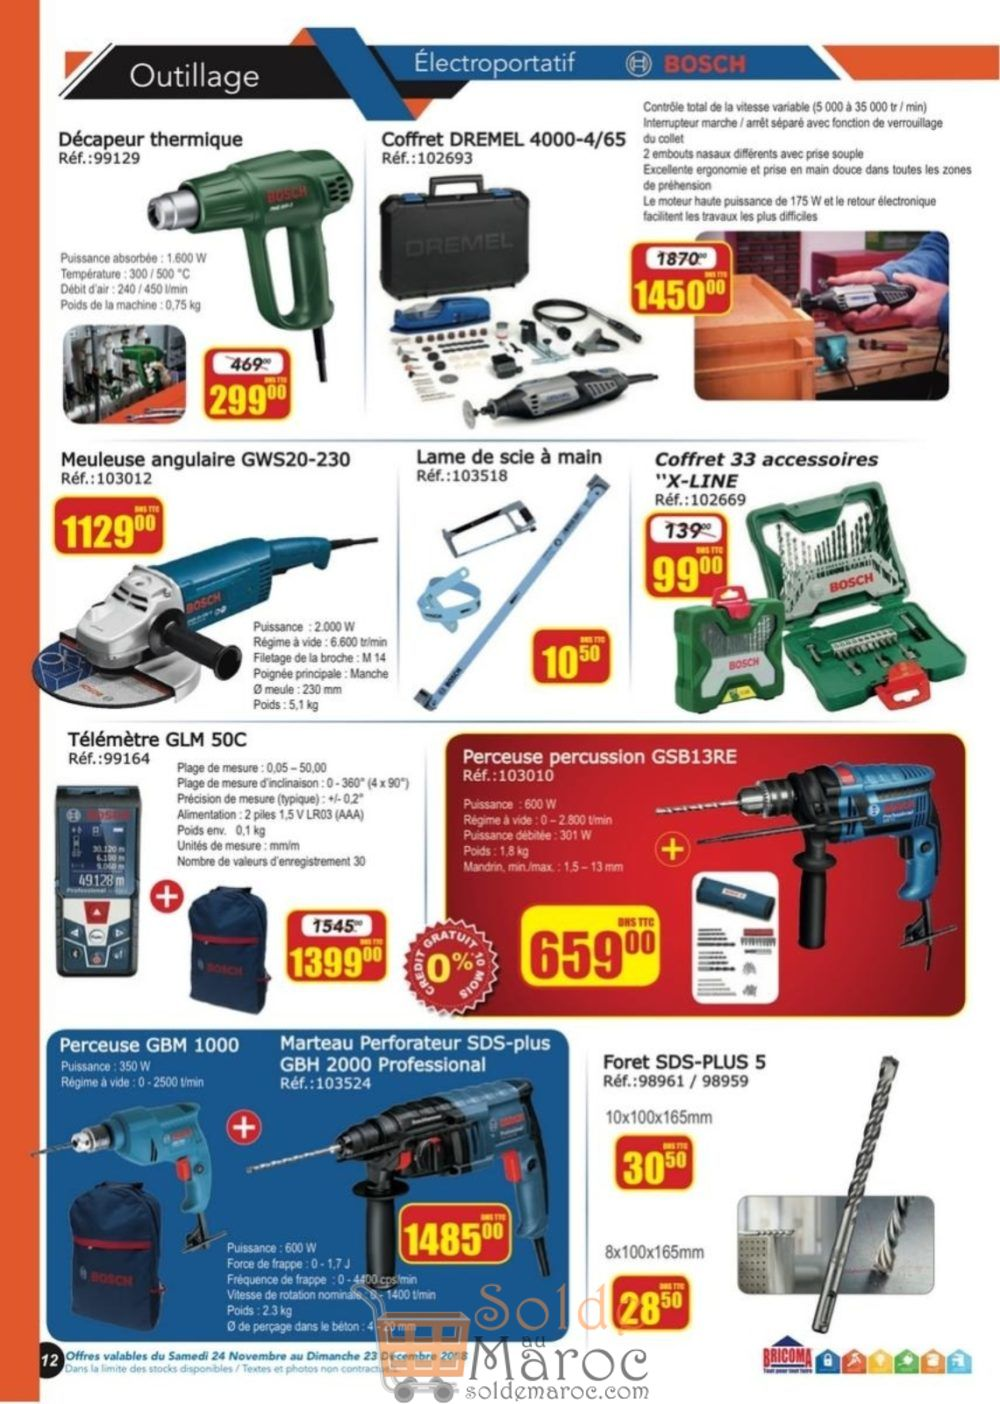 Catalogue Bricoma du 24 Novembre au 23 Décembre 2018